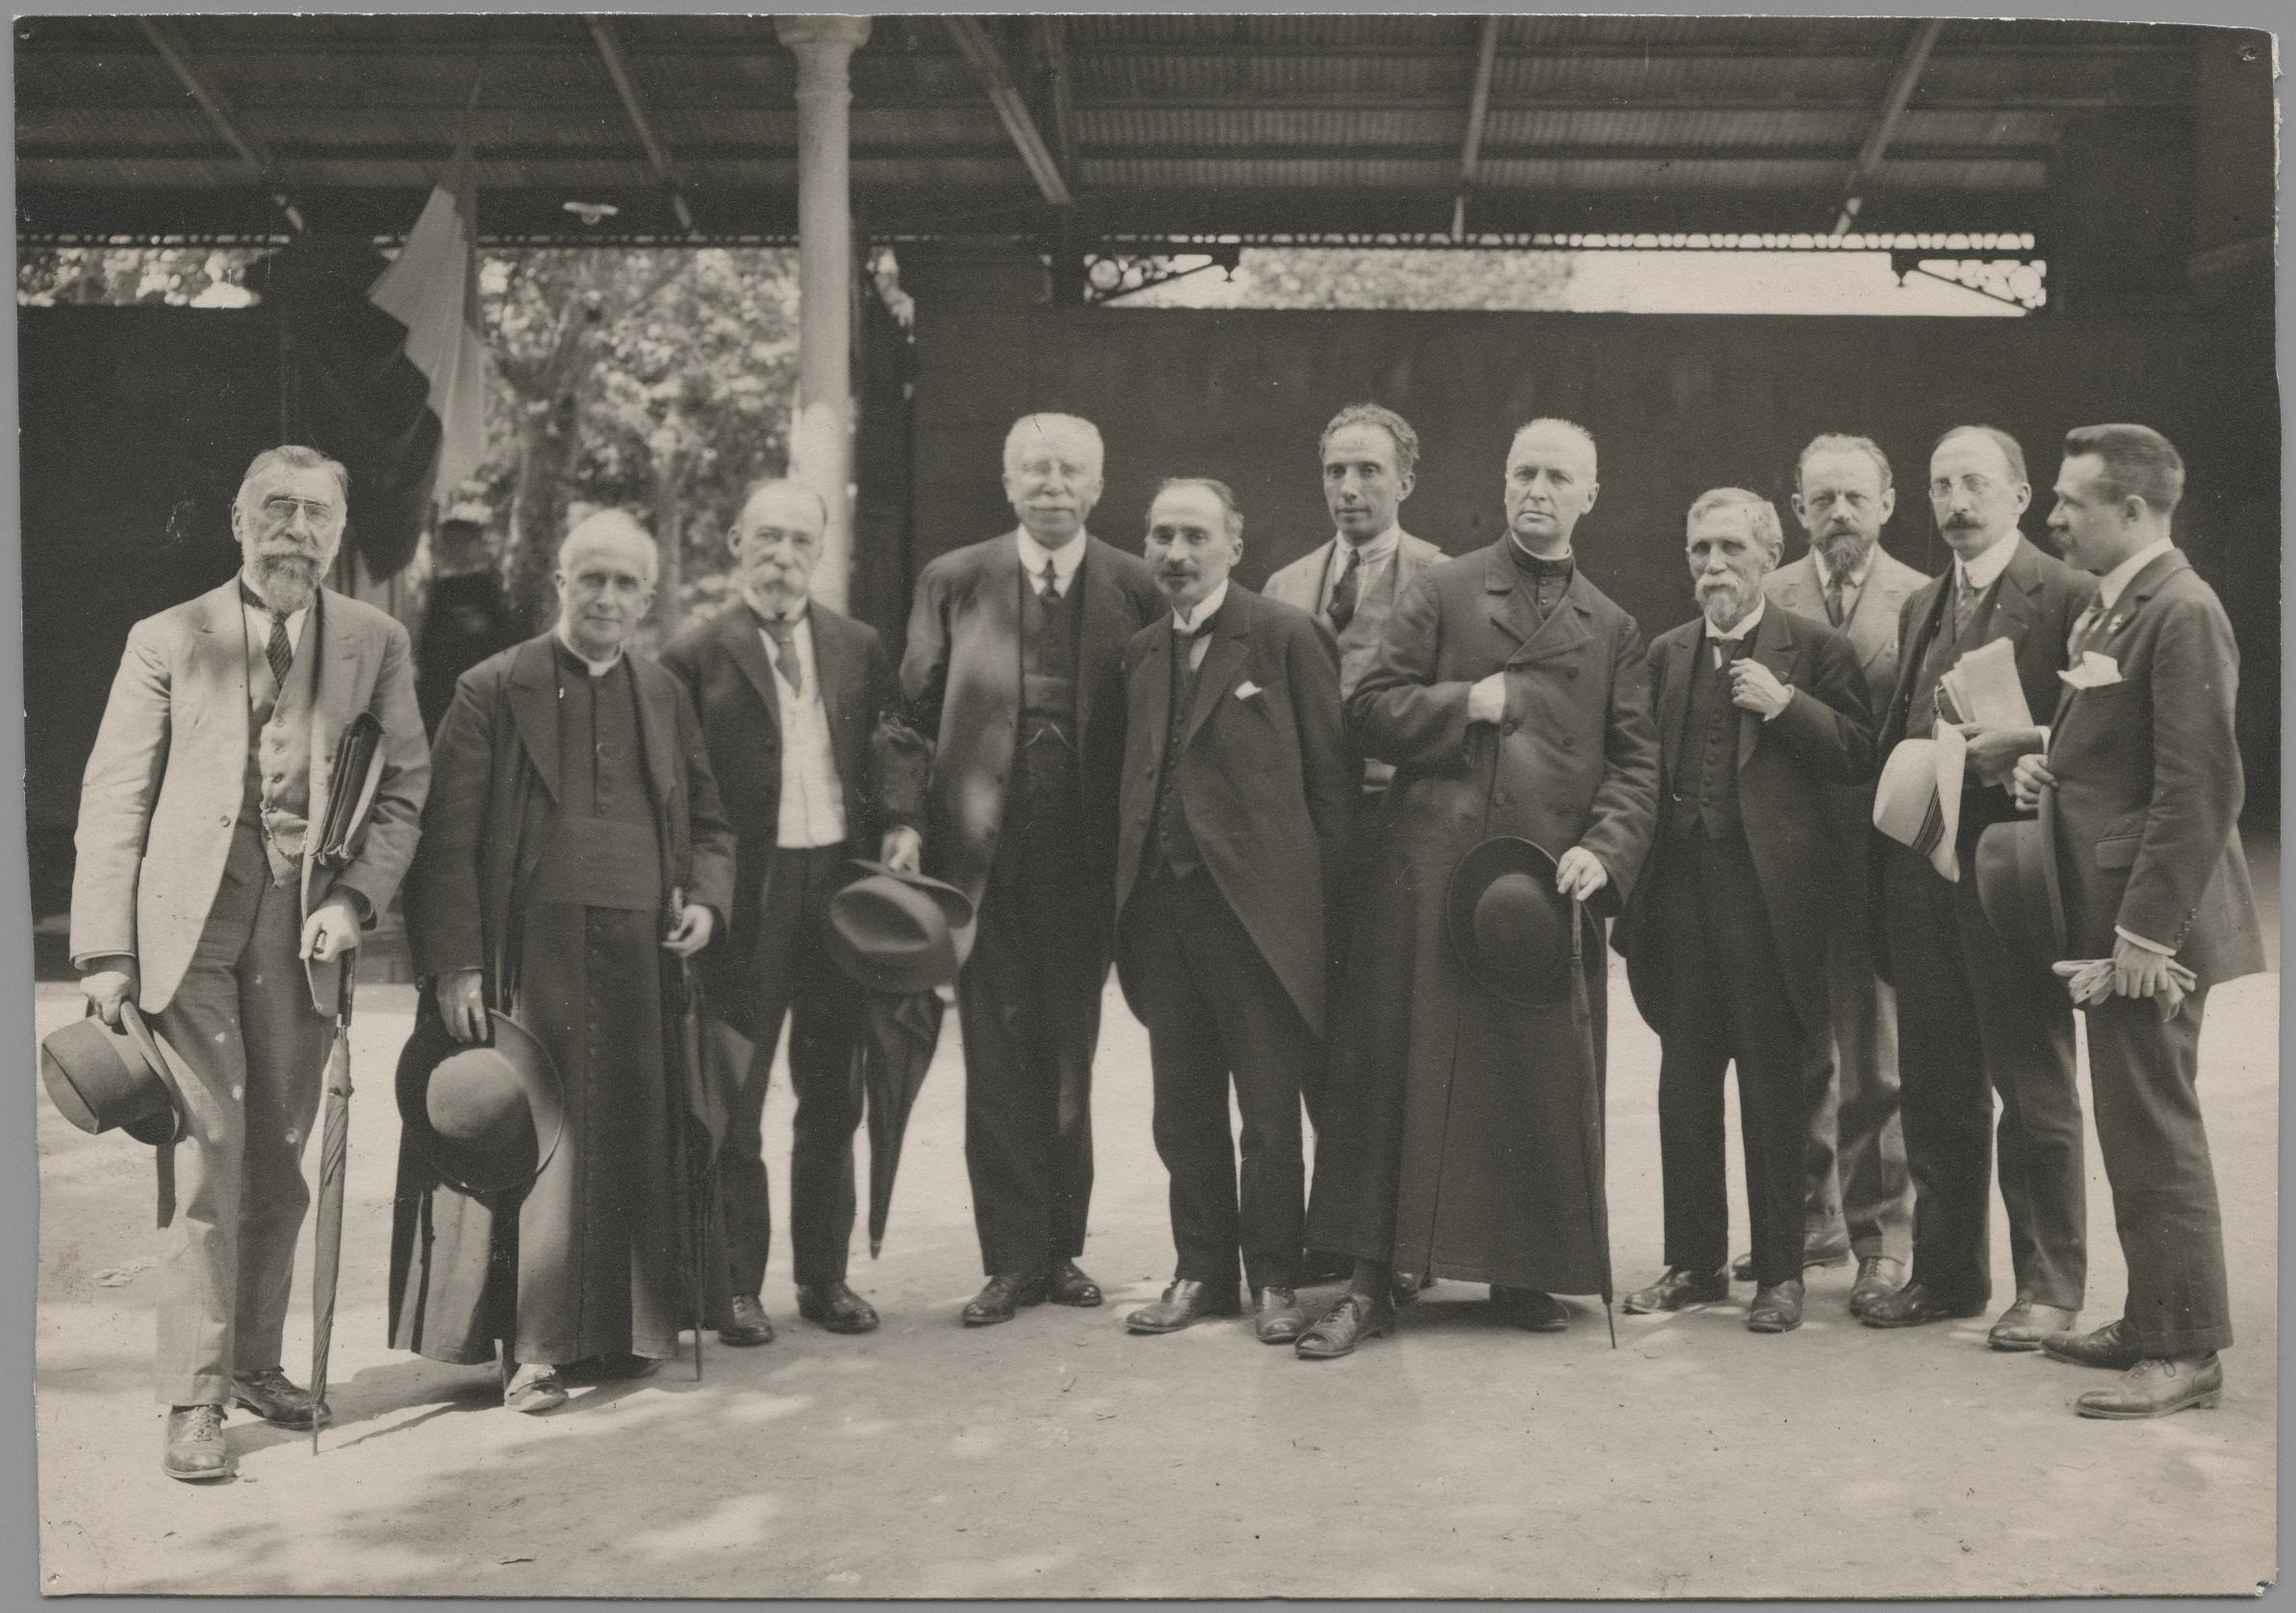 Lyon - 1925